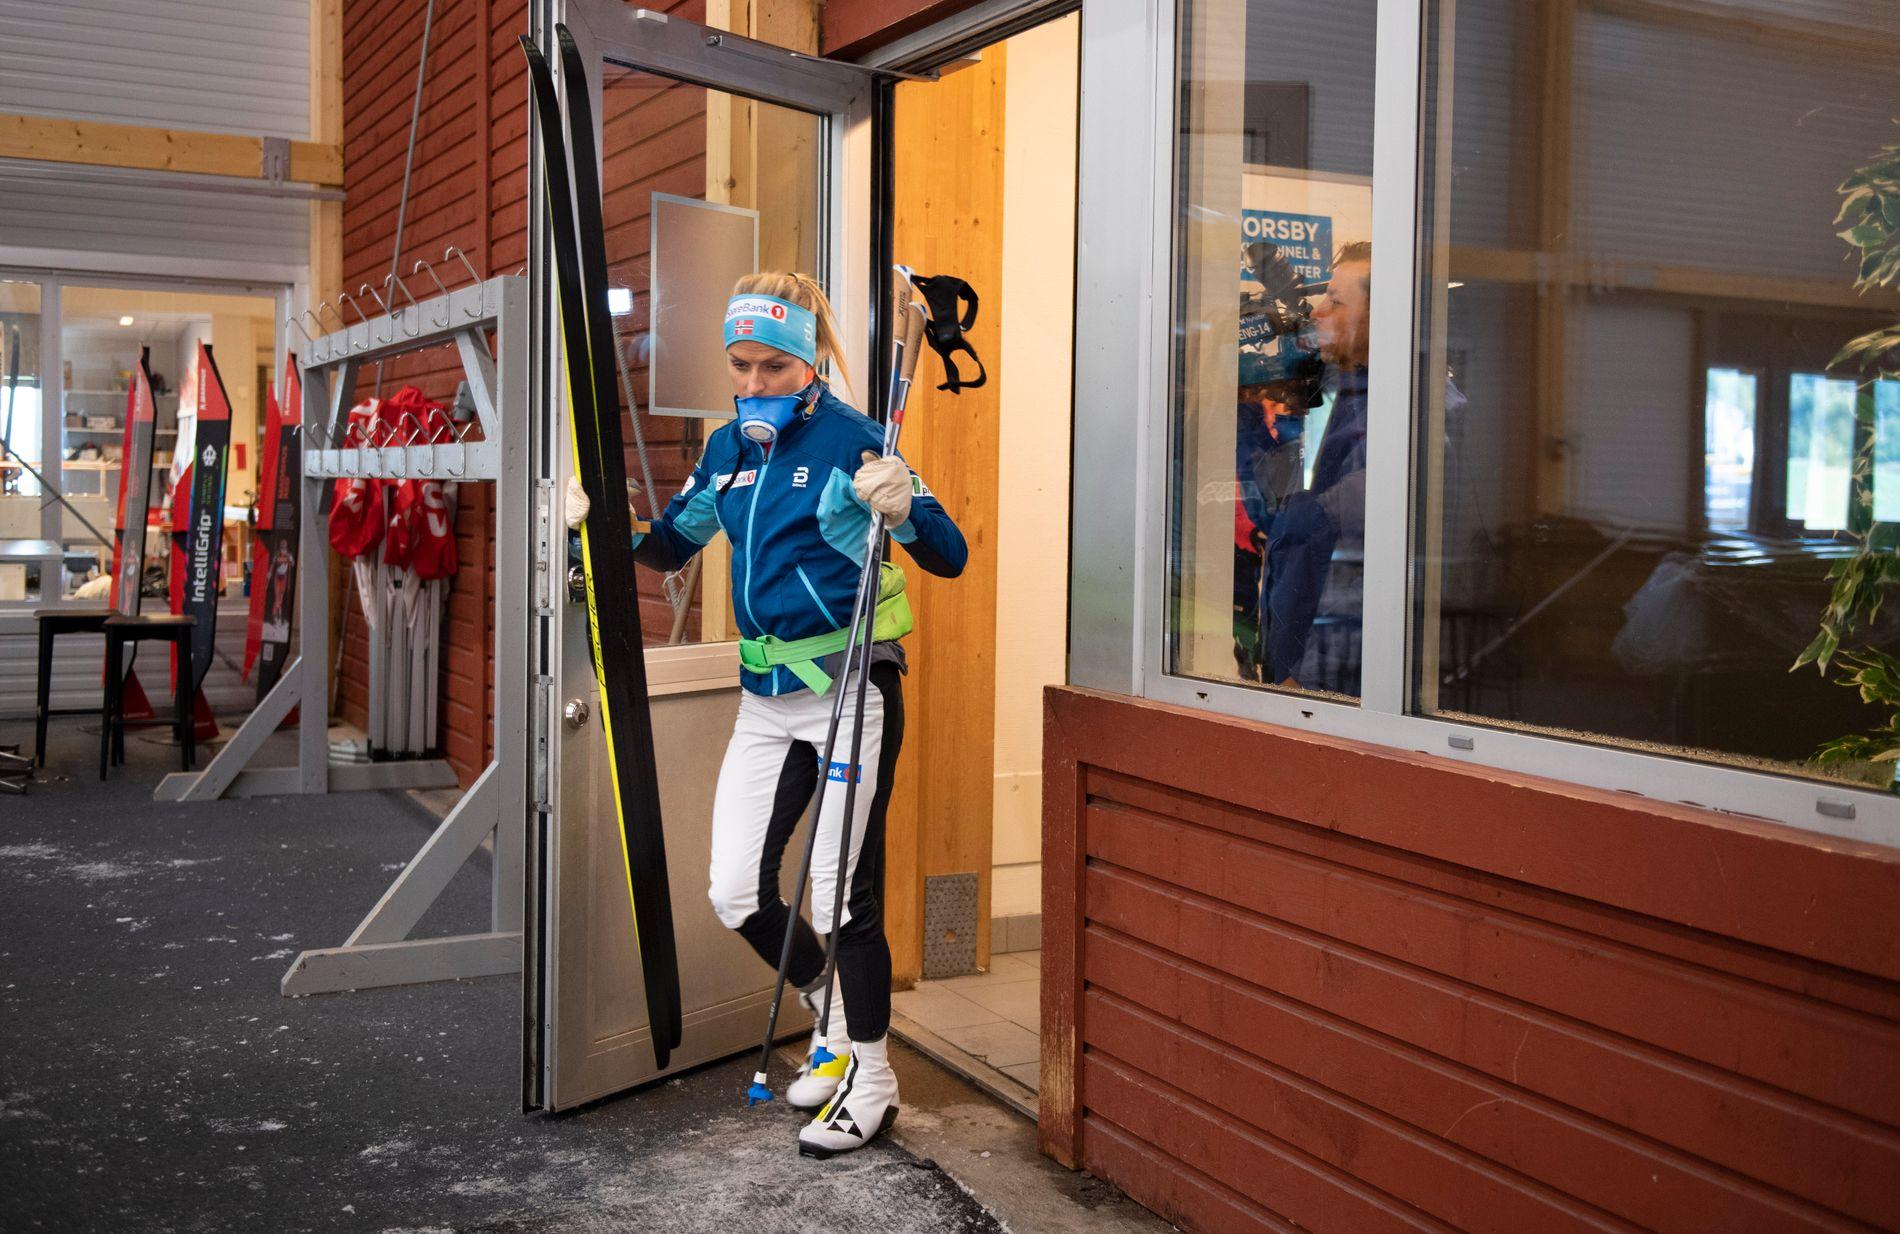 UT AV TUNELLEN: Therese Johaug under landslagets økt i skitunellen i Torsby denne uken.